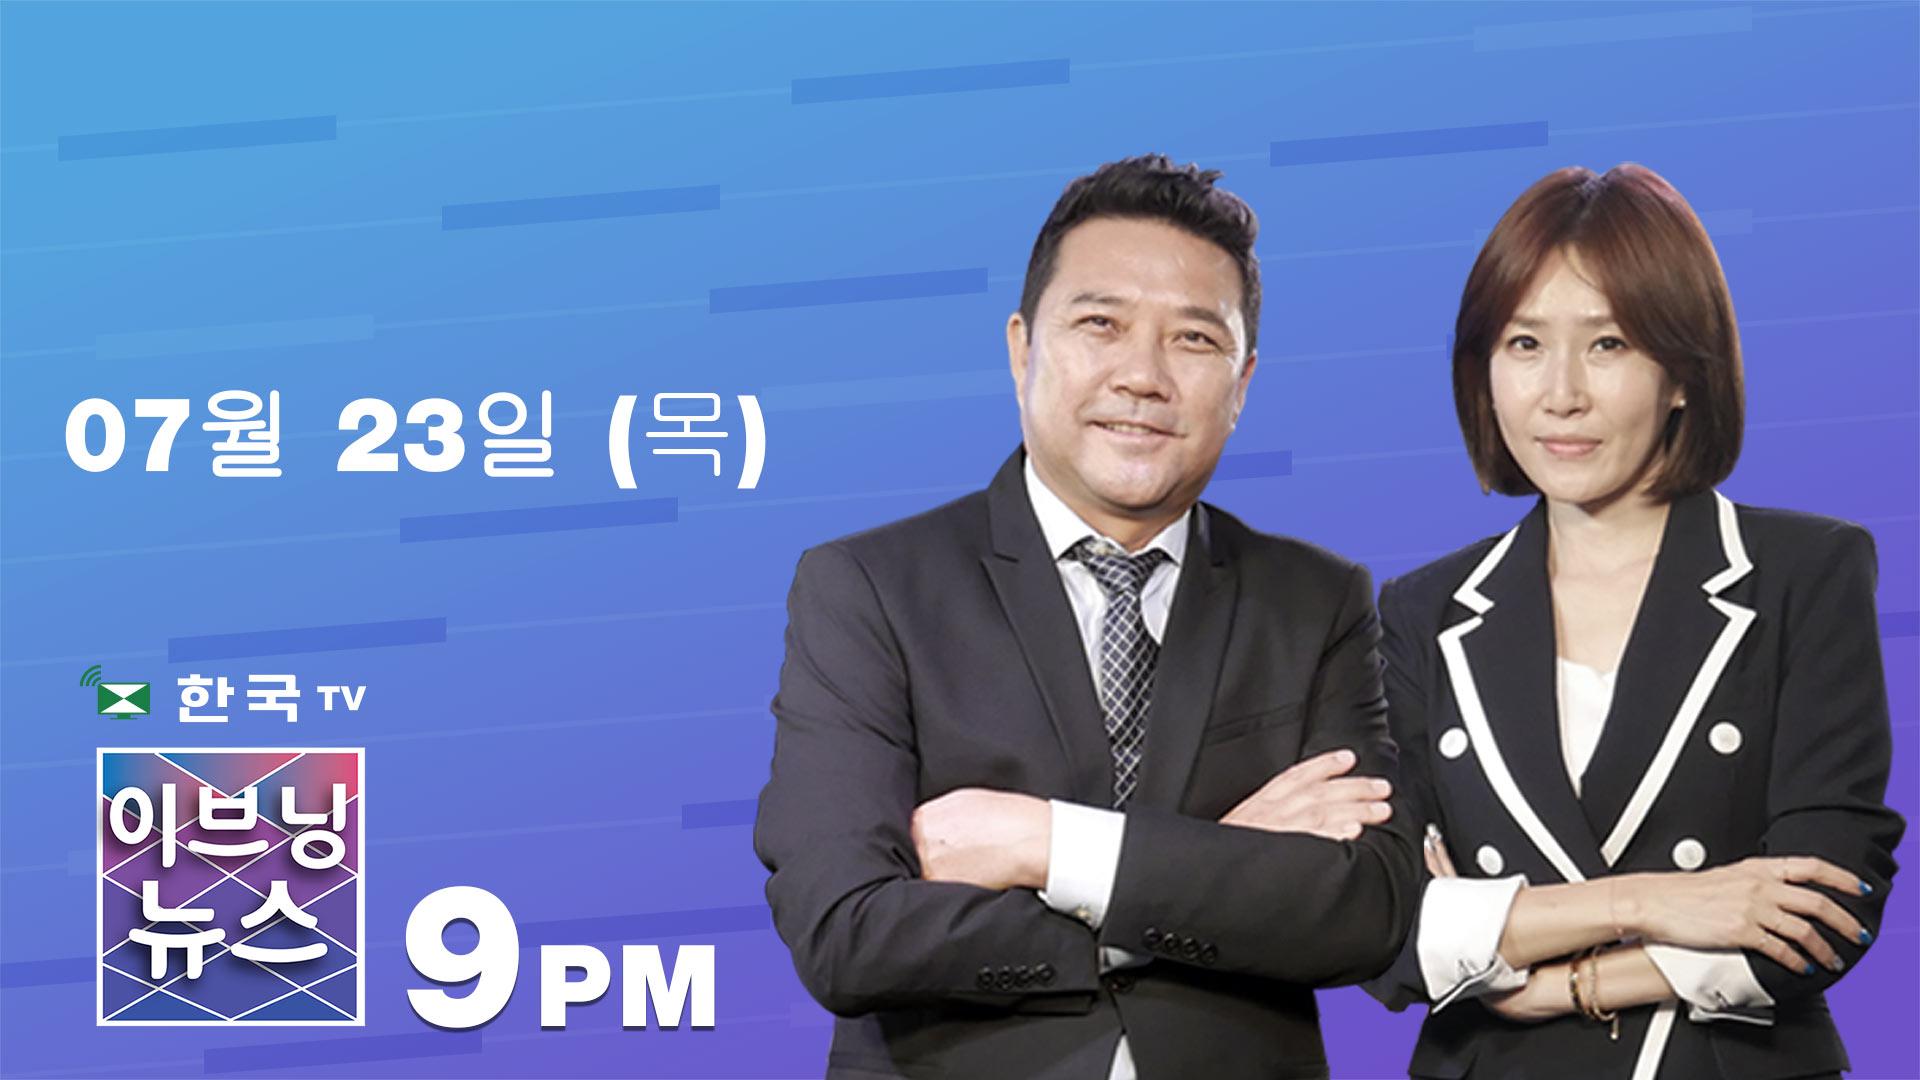 (07.23.2020) 한국TV 이브닝 뉴스